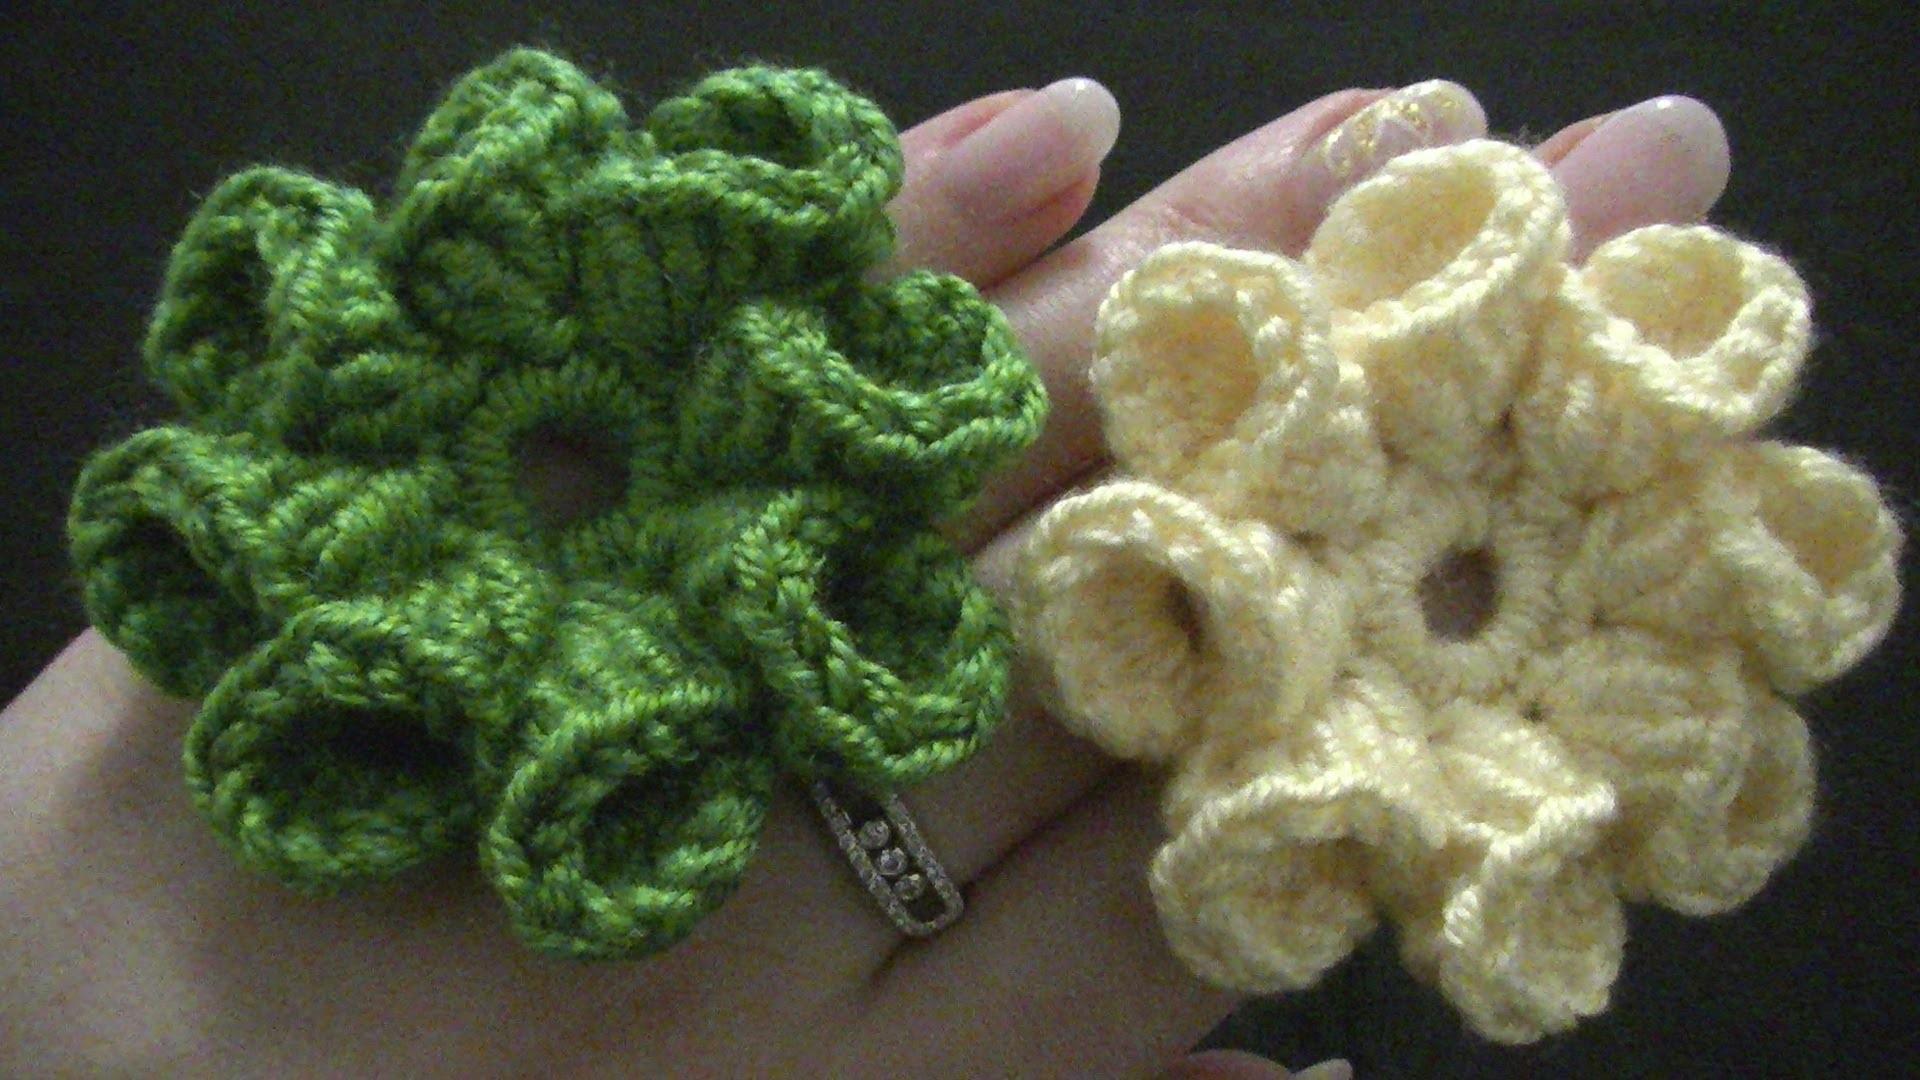 Blume häkeln - 8 Blätter - 3D Blume - TEIL 2 von 2